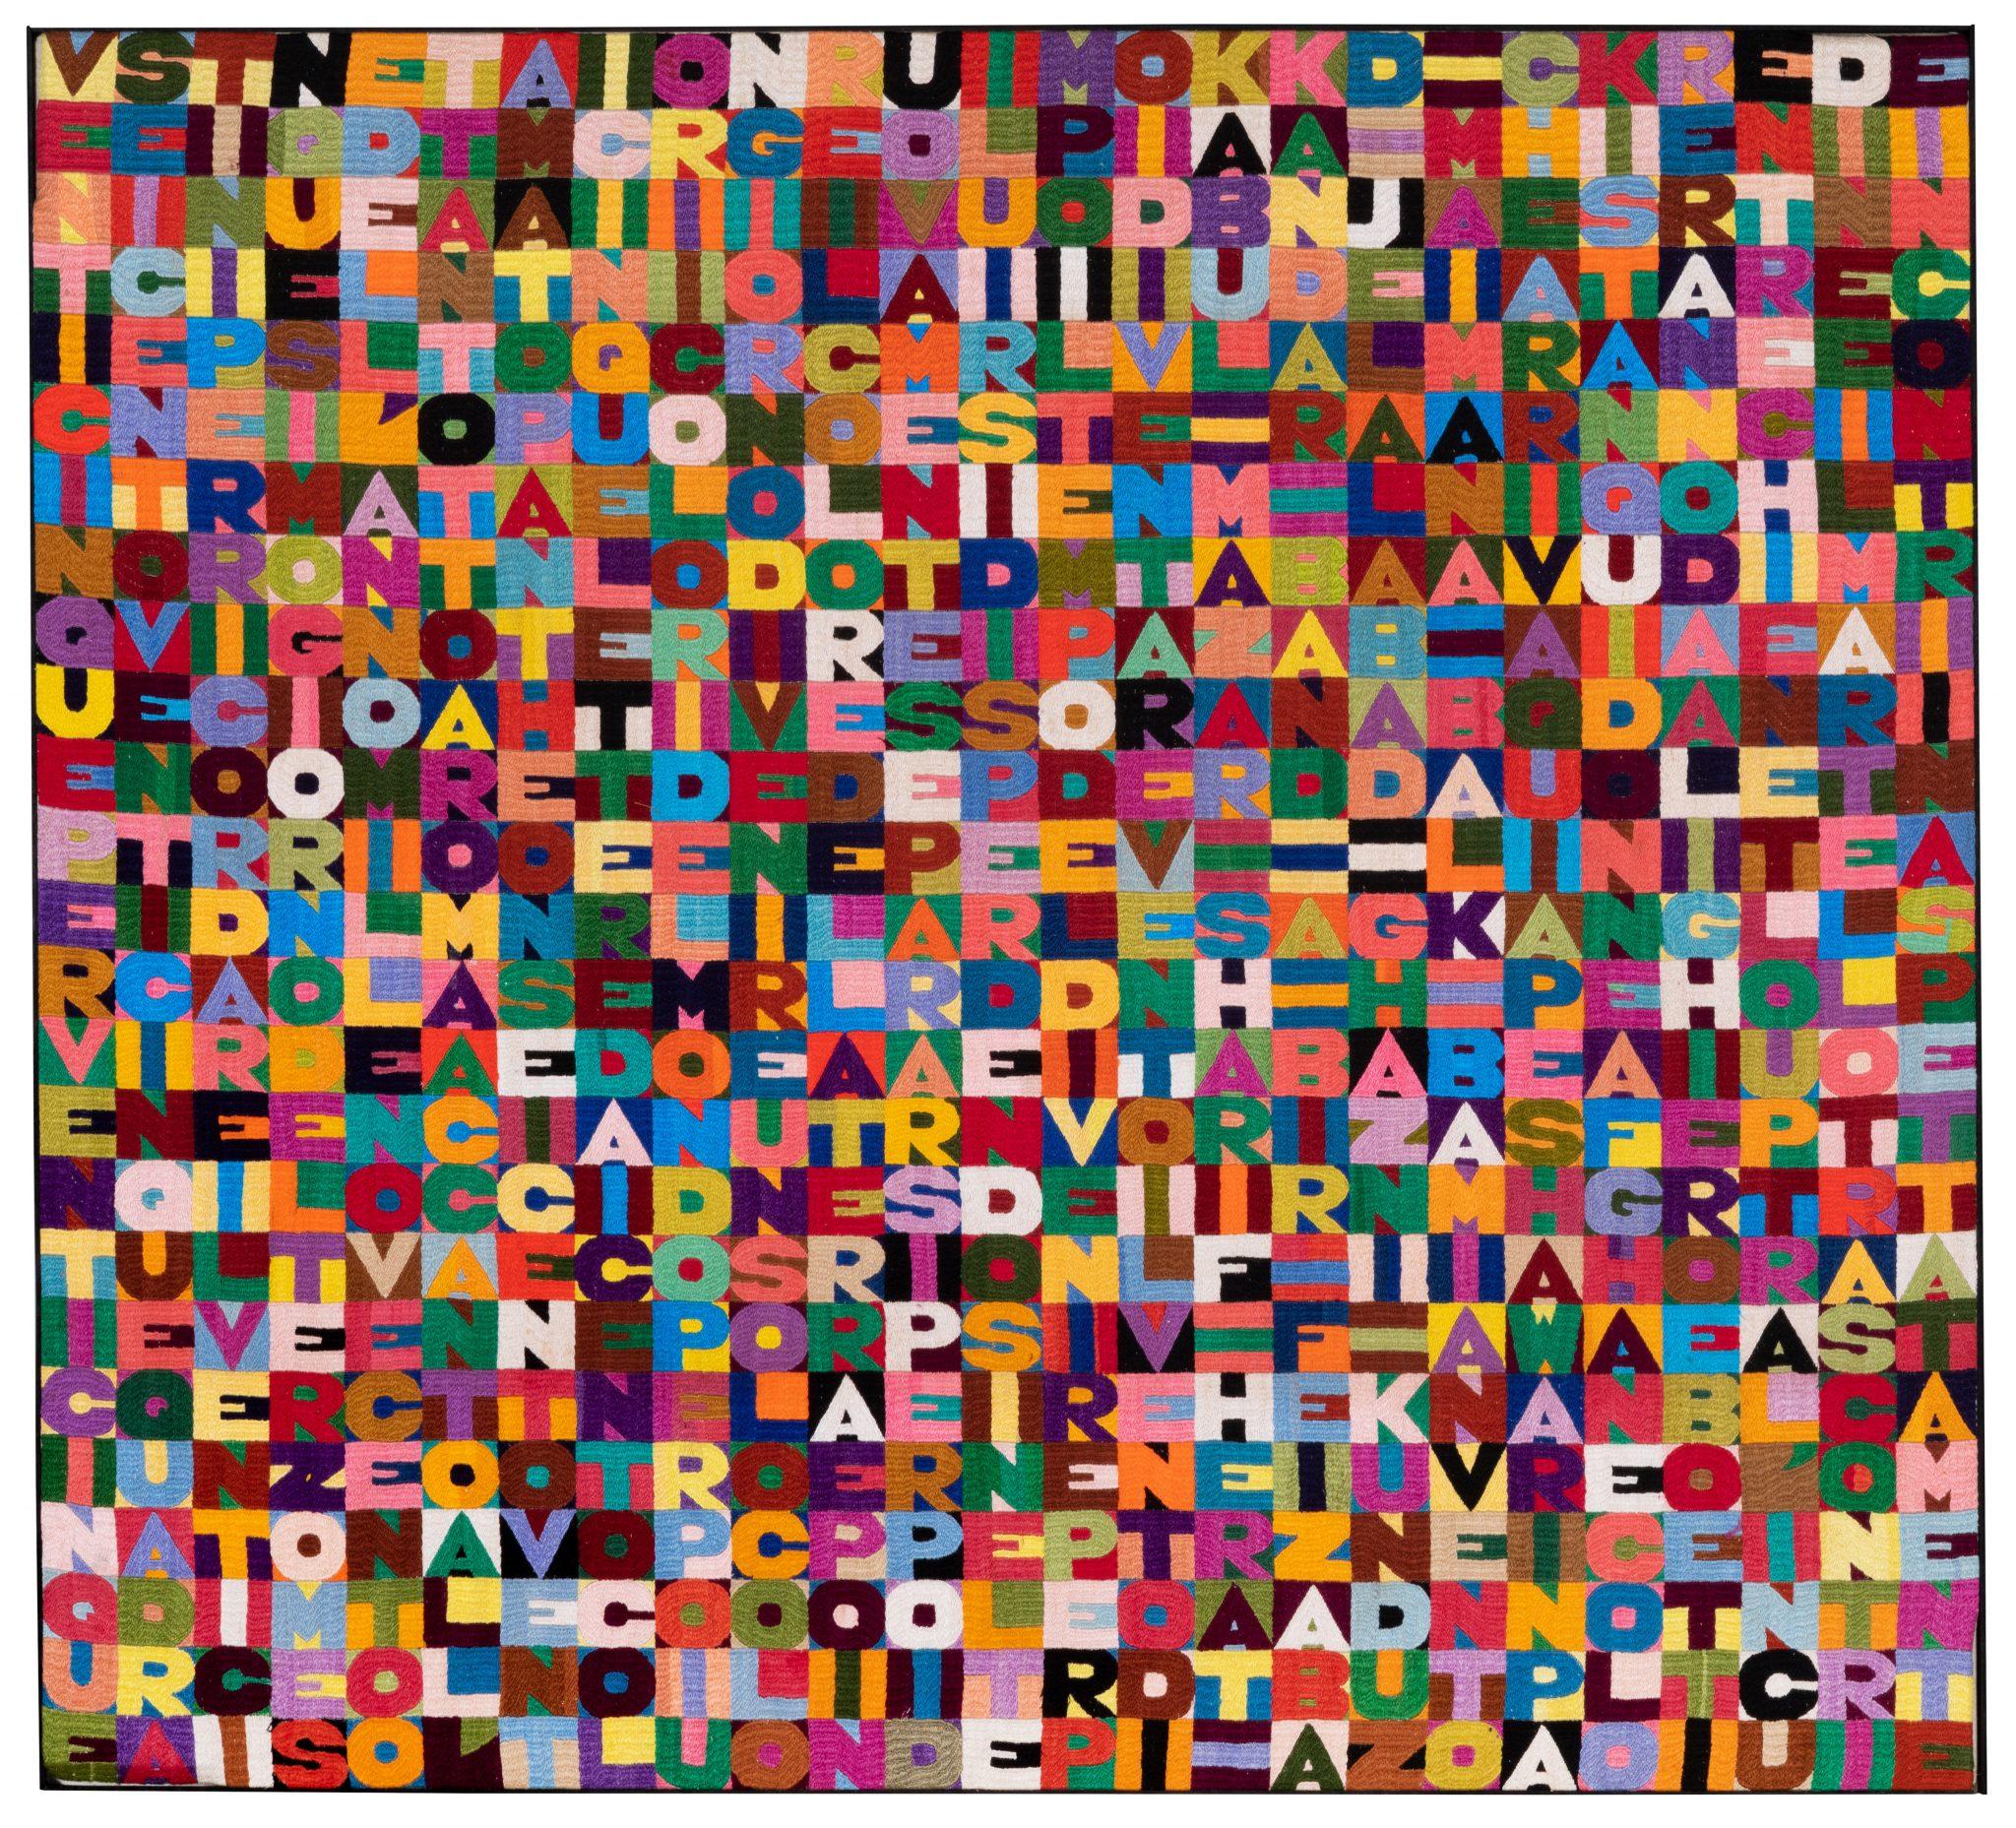 Lotto 333 Alighiero Boetti (1940-1994) l venticinquesimo giorno del terzo mese dell'anno millenovecentoottantotto, 1988 ricamo su tessuto, cm 100,5x111,5 Opera registrata presso l'Archivio Alighiero Boetti, Roma Stima € 250.000-350.000